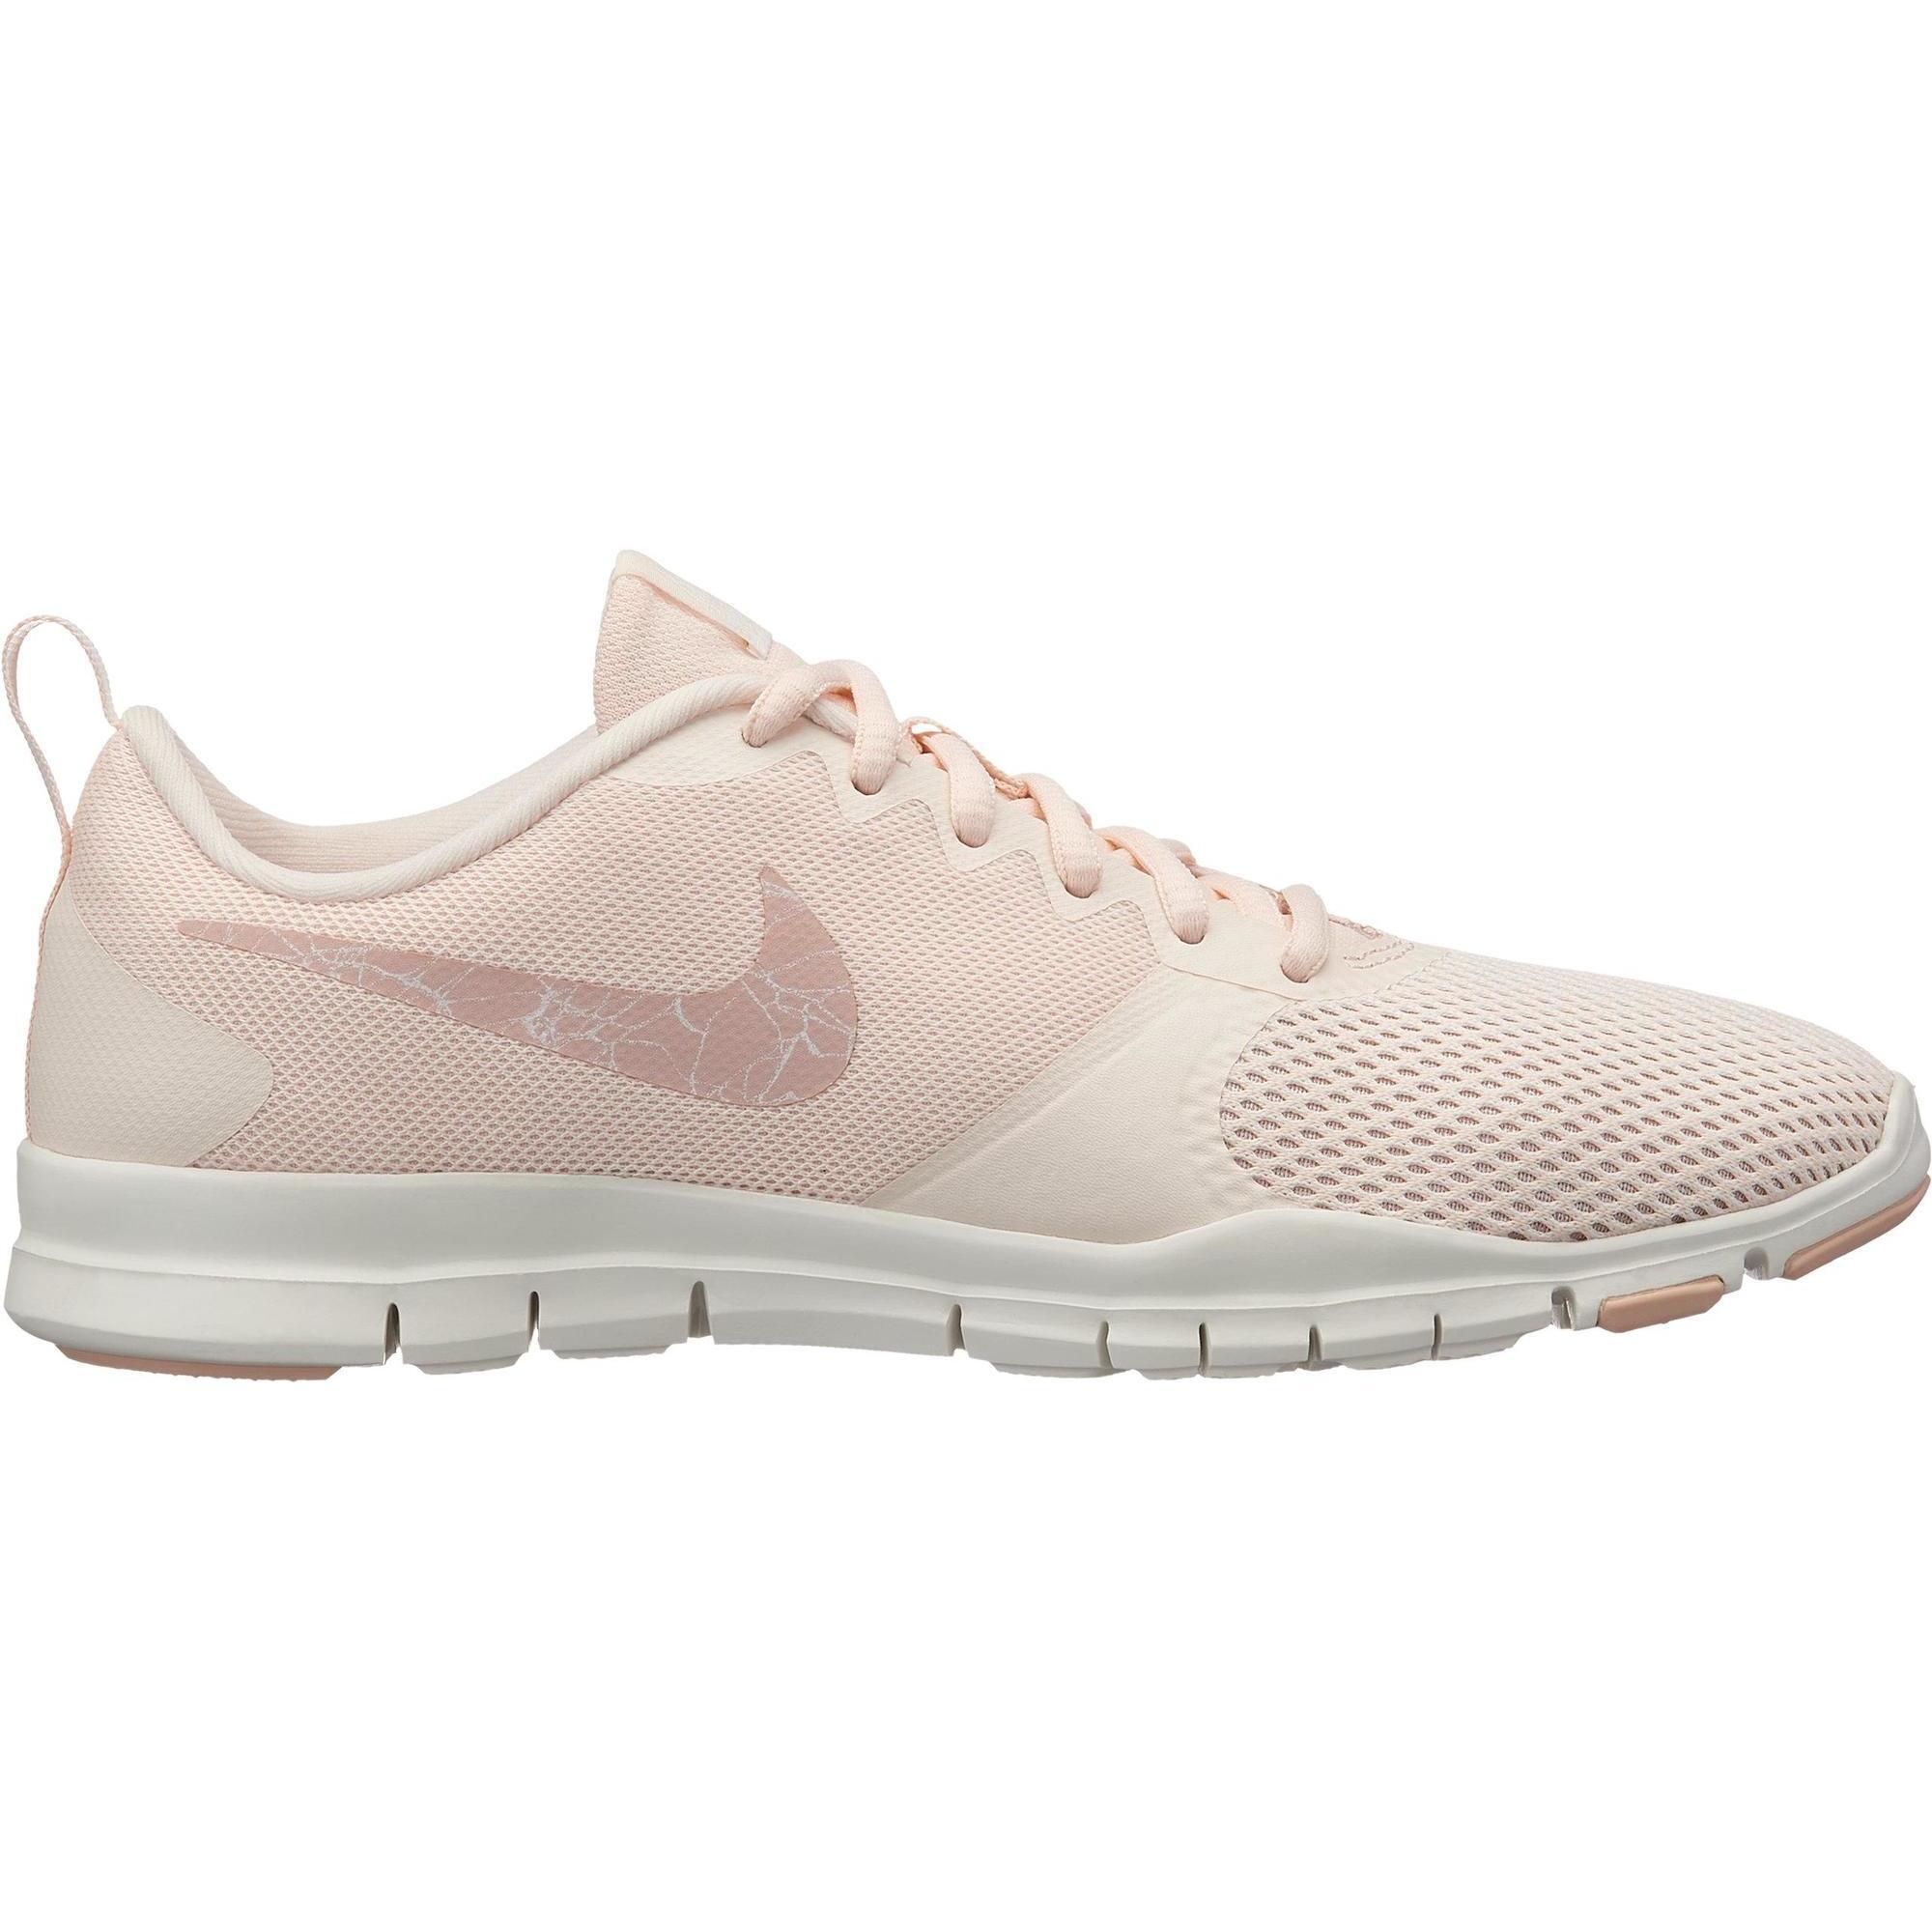 2617333 Nike Cardiofitness schoenen Nike Flex Essential voor dames roze ivoorwit